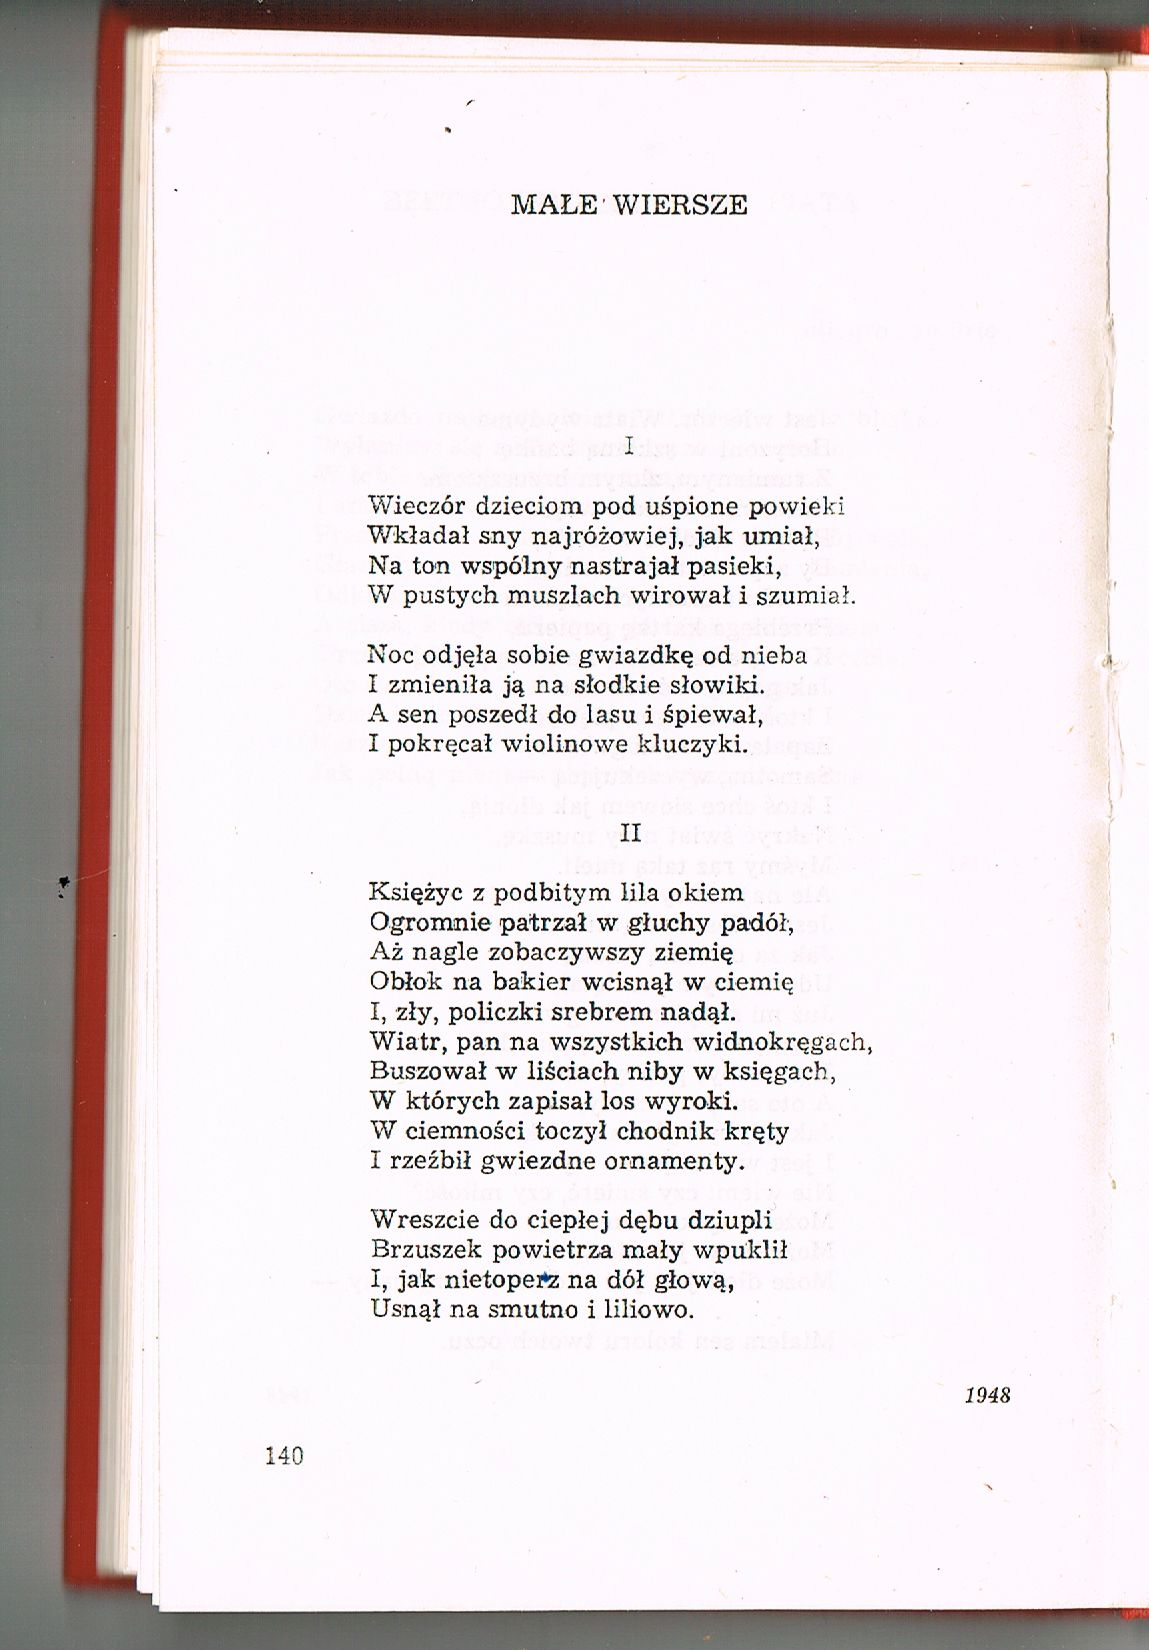 Stanislaw Lem Wiersze Mlodziencze Words Poems Poetry